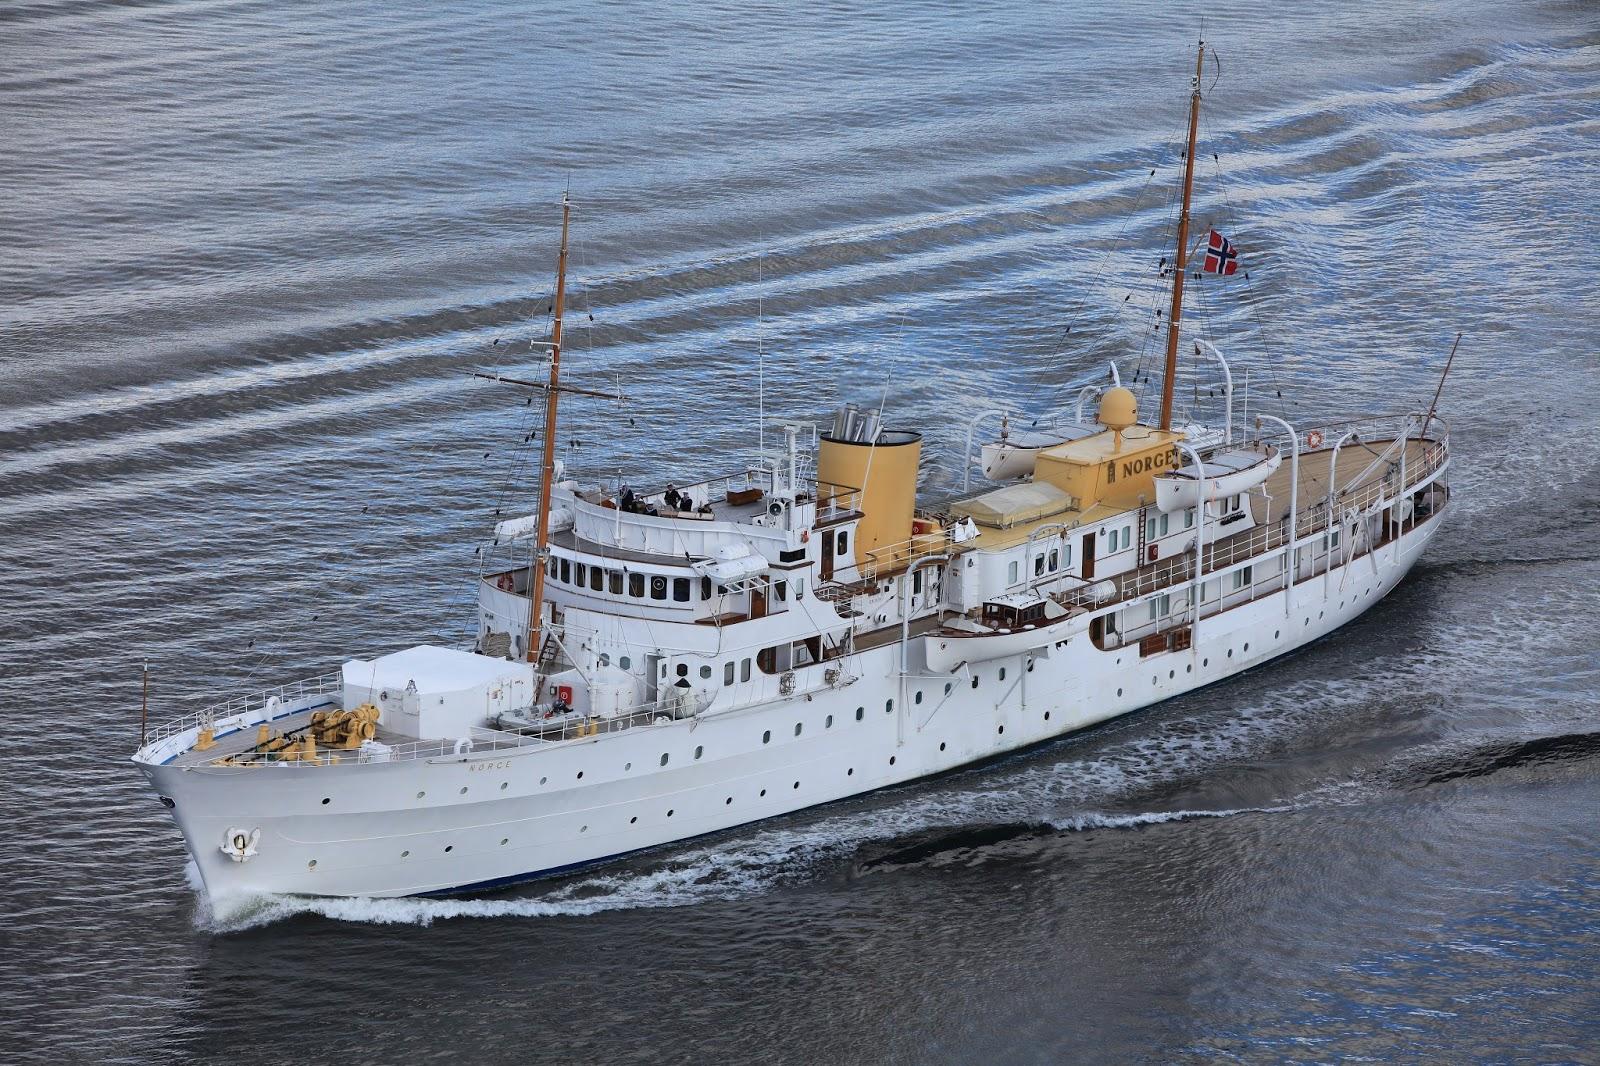 Megayacht NORGE